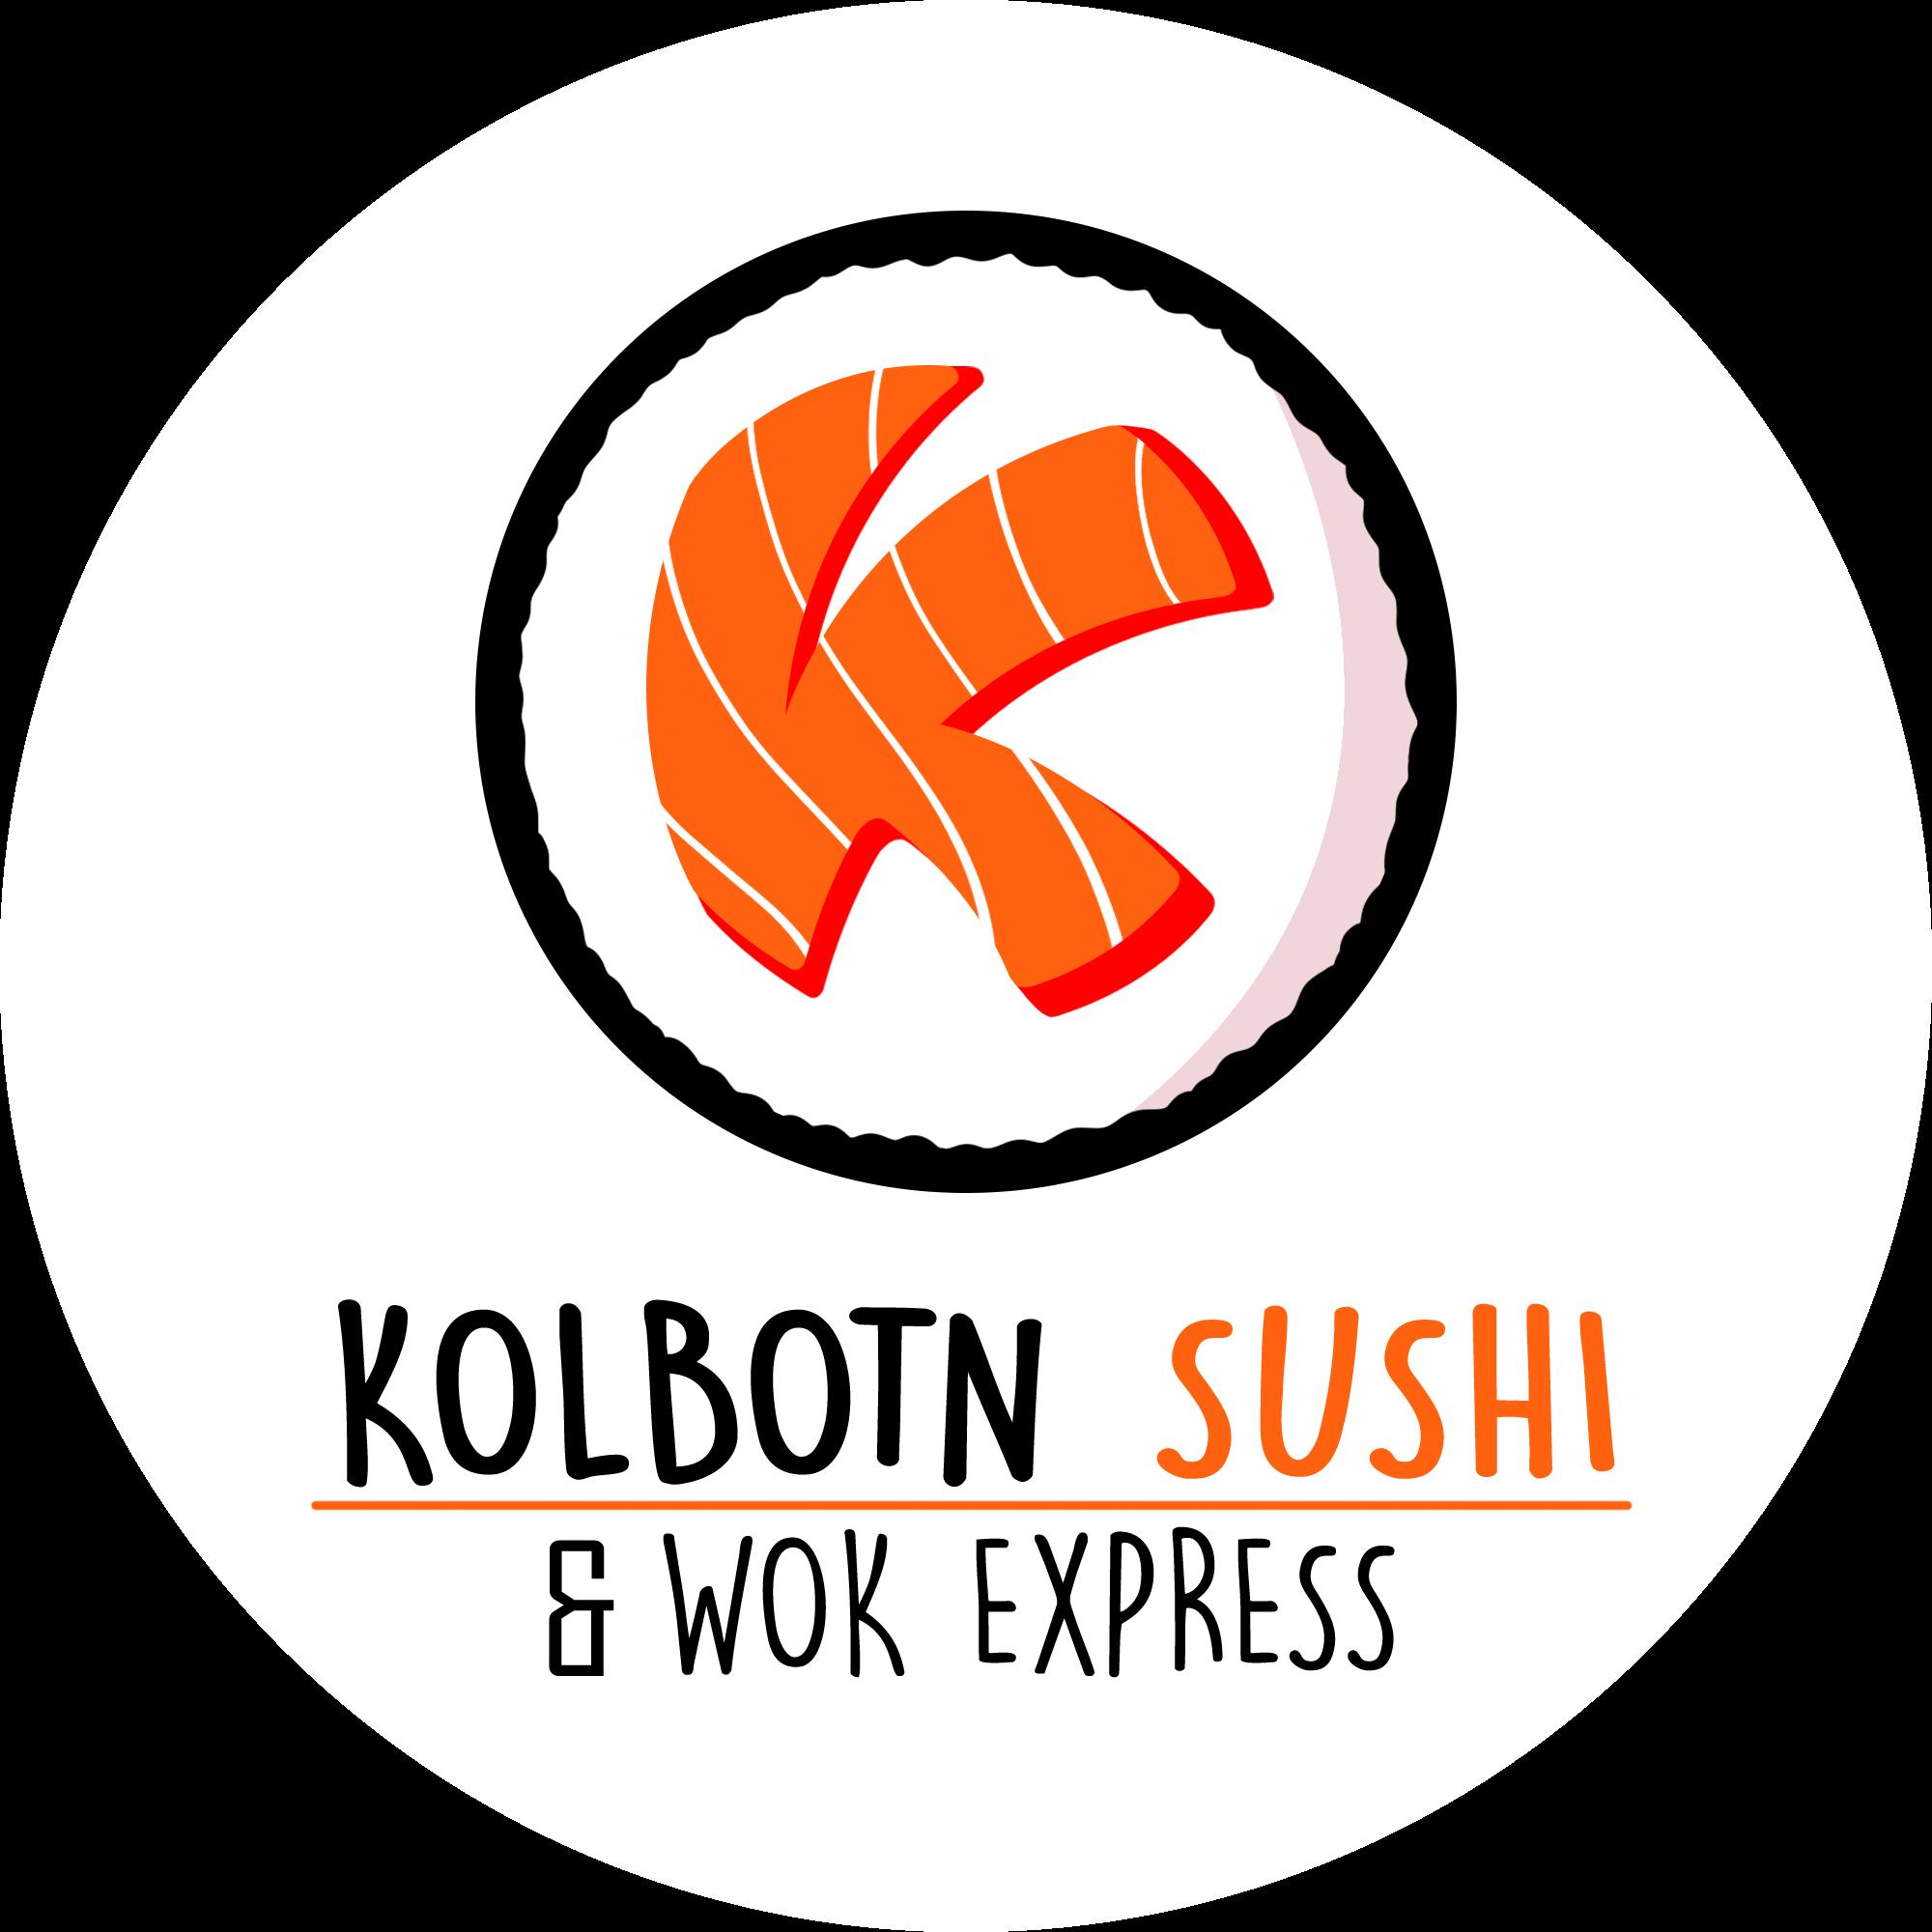 Kolbotn Sushi & Wok Express